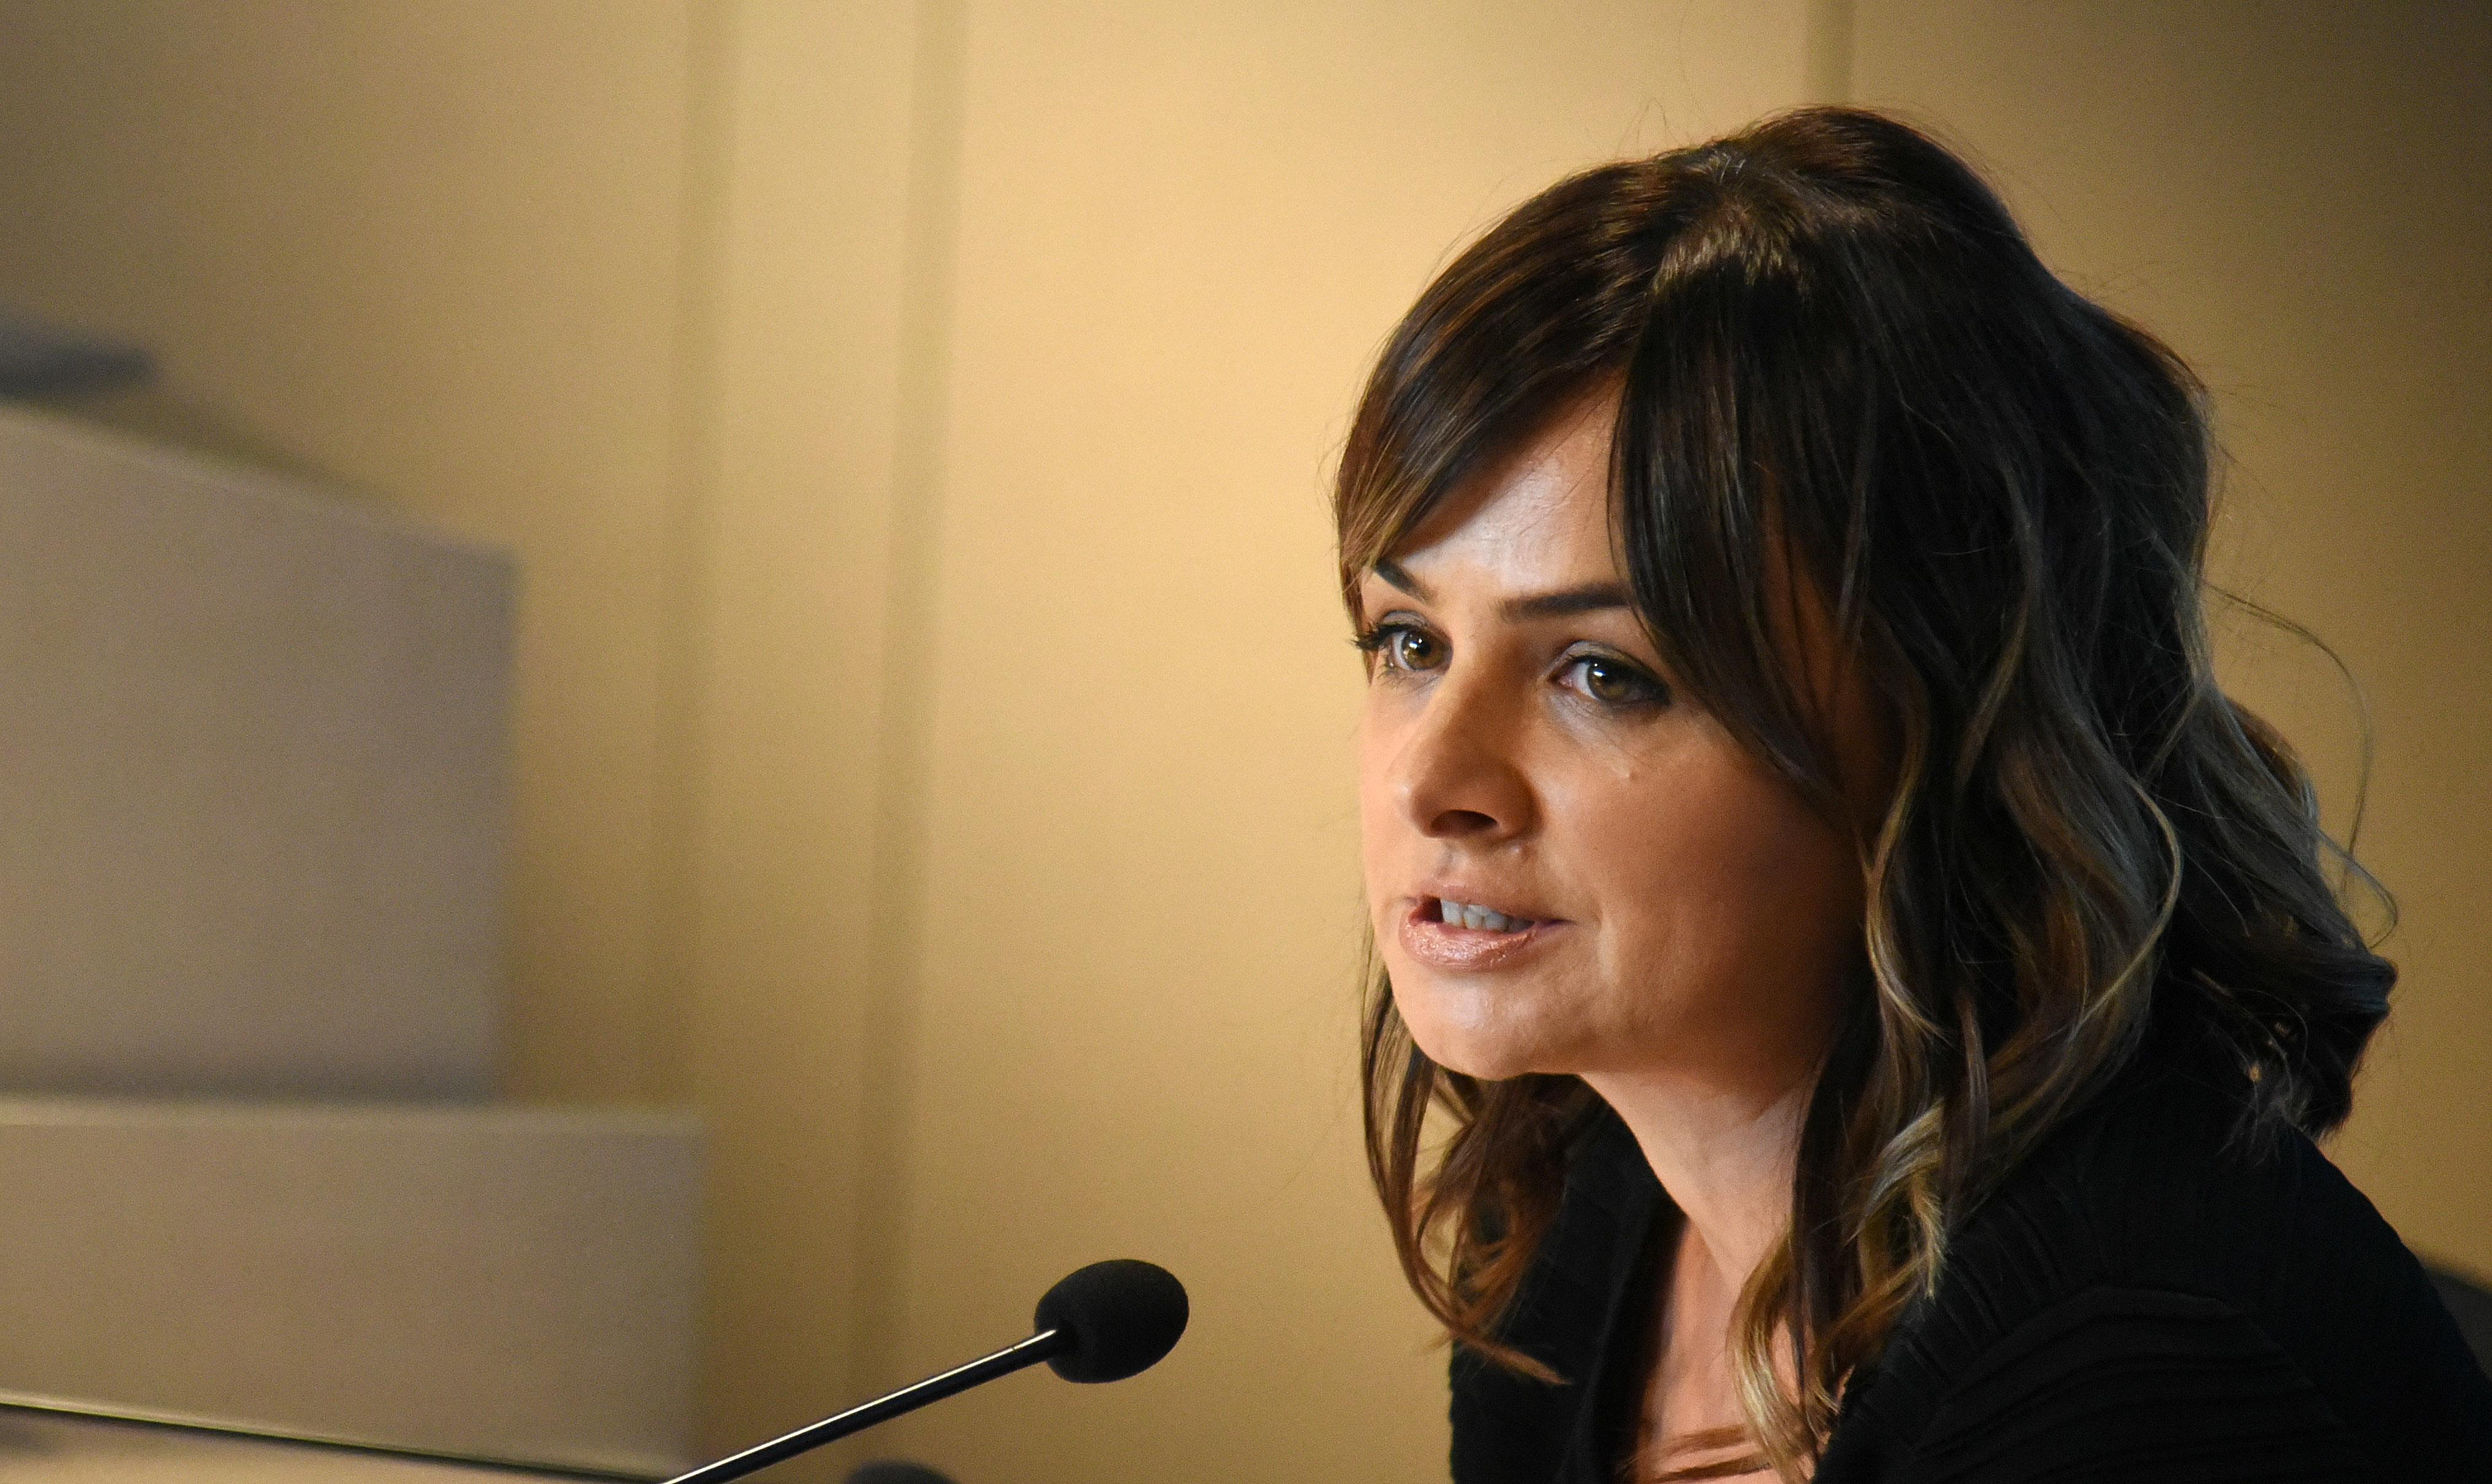 Daliborjka Uljarević